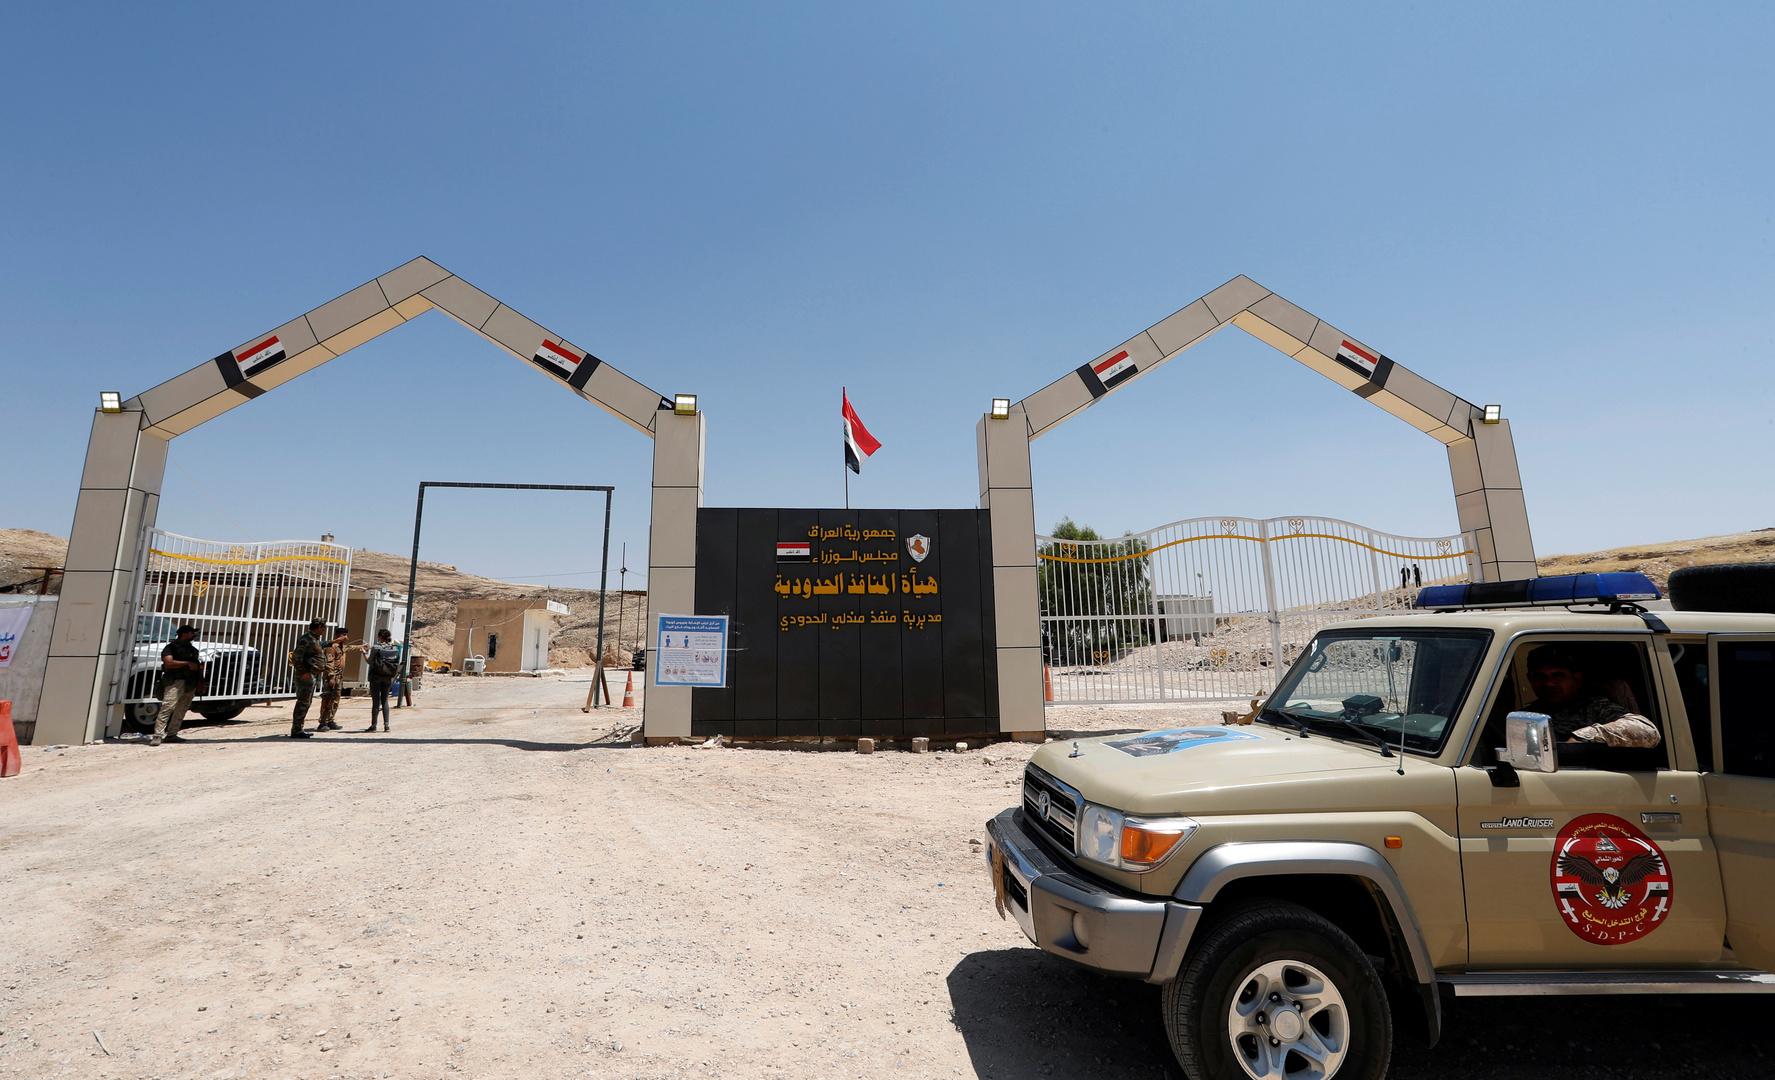 مصدر لـRT: بغداد تبلغ طهران بشأن تأمين الحدود لمنع دخول المخدرات